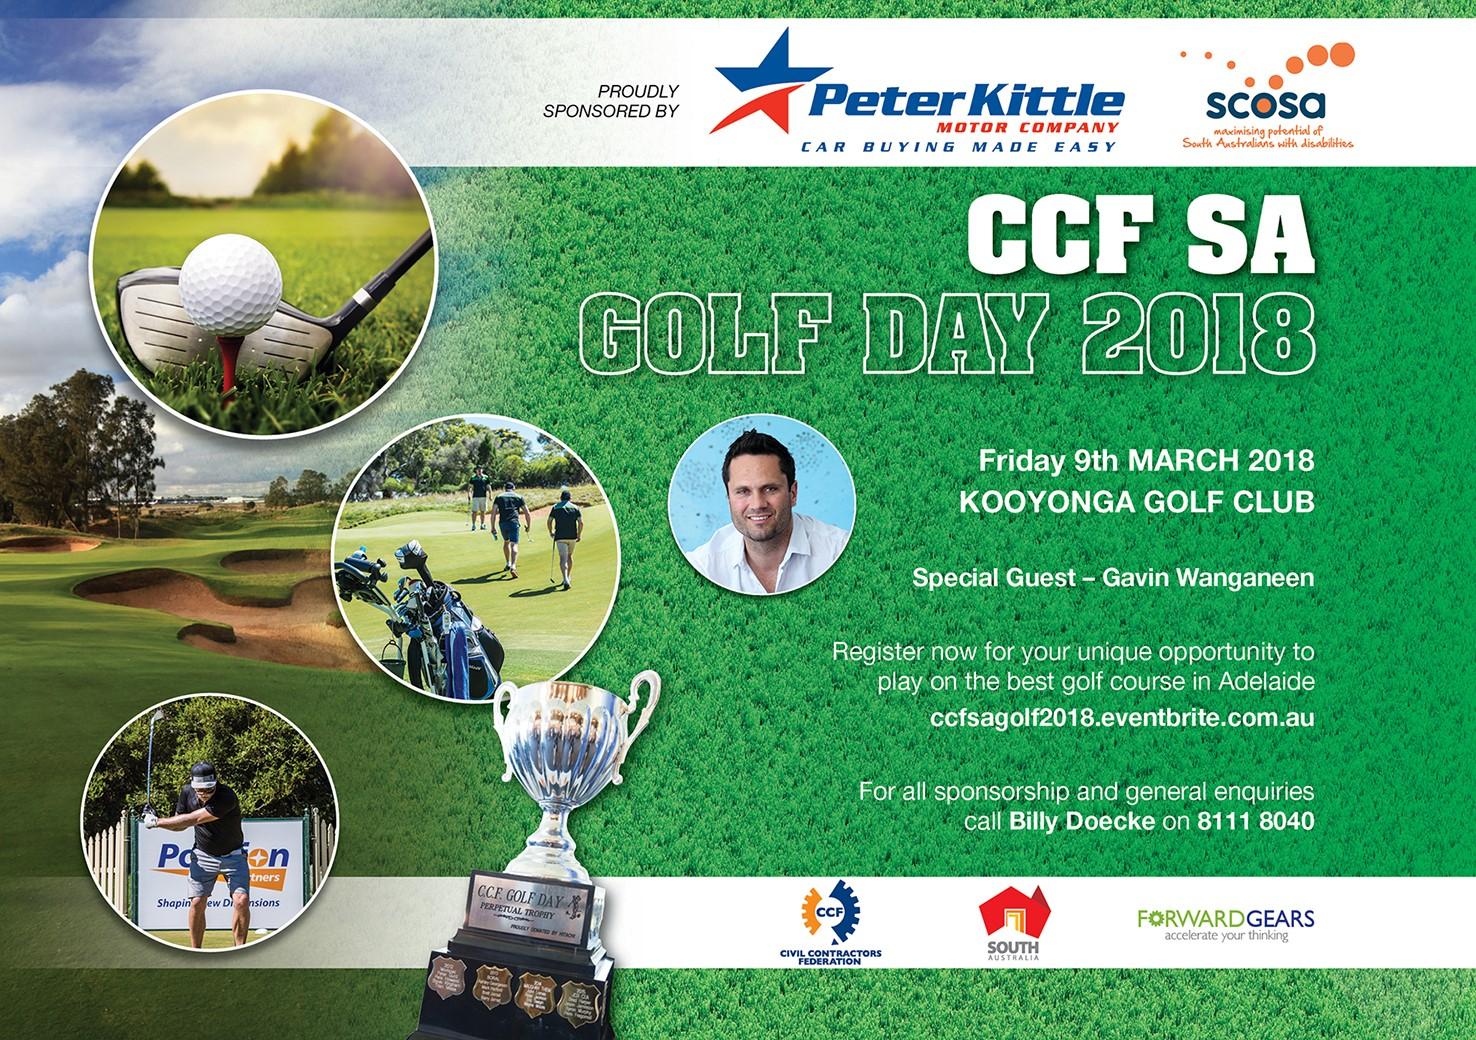 2018 CCF SA Golf Day